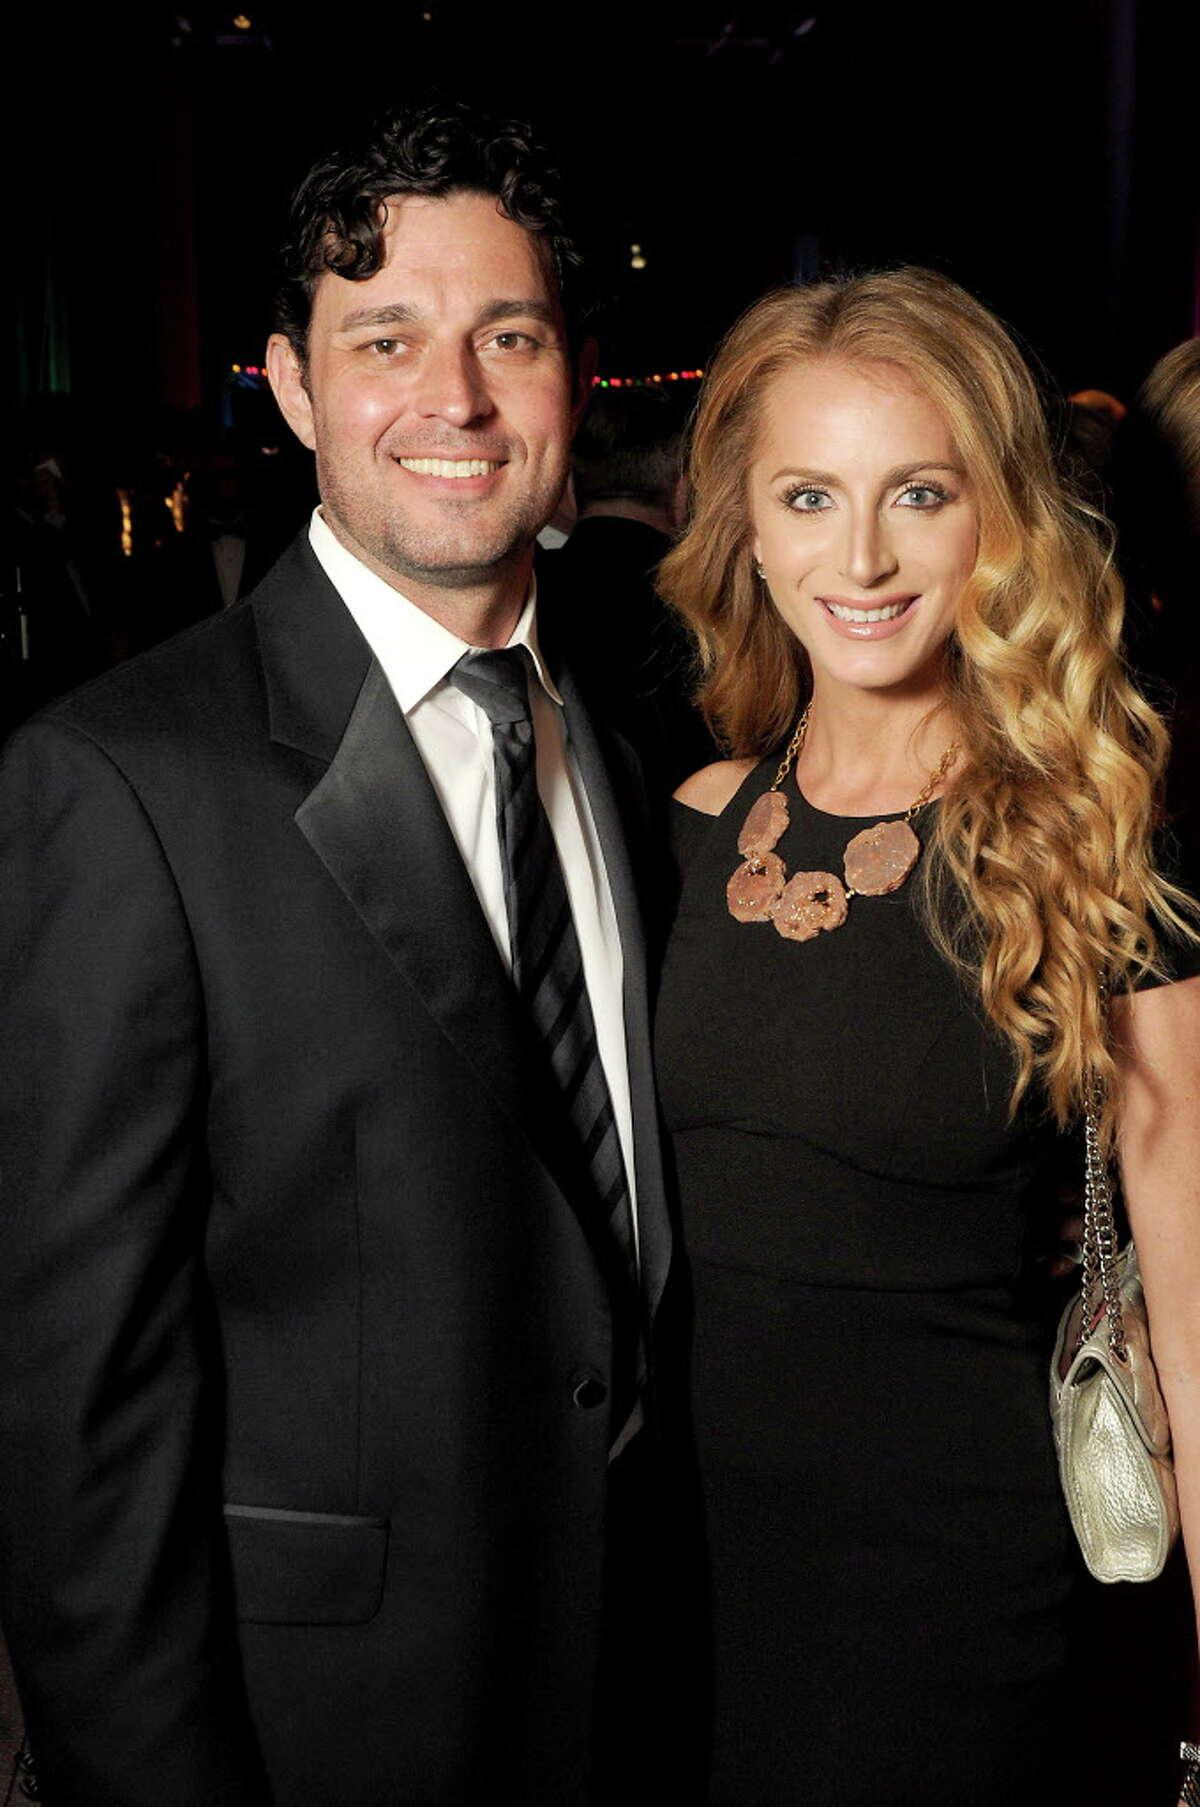 John Papadopoulos and Rebecca Hobart